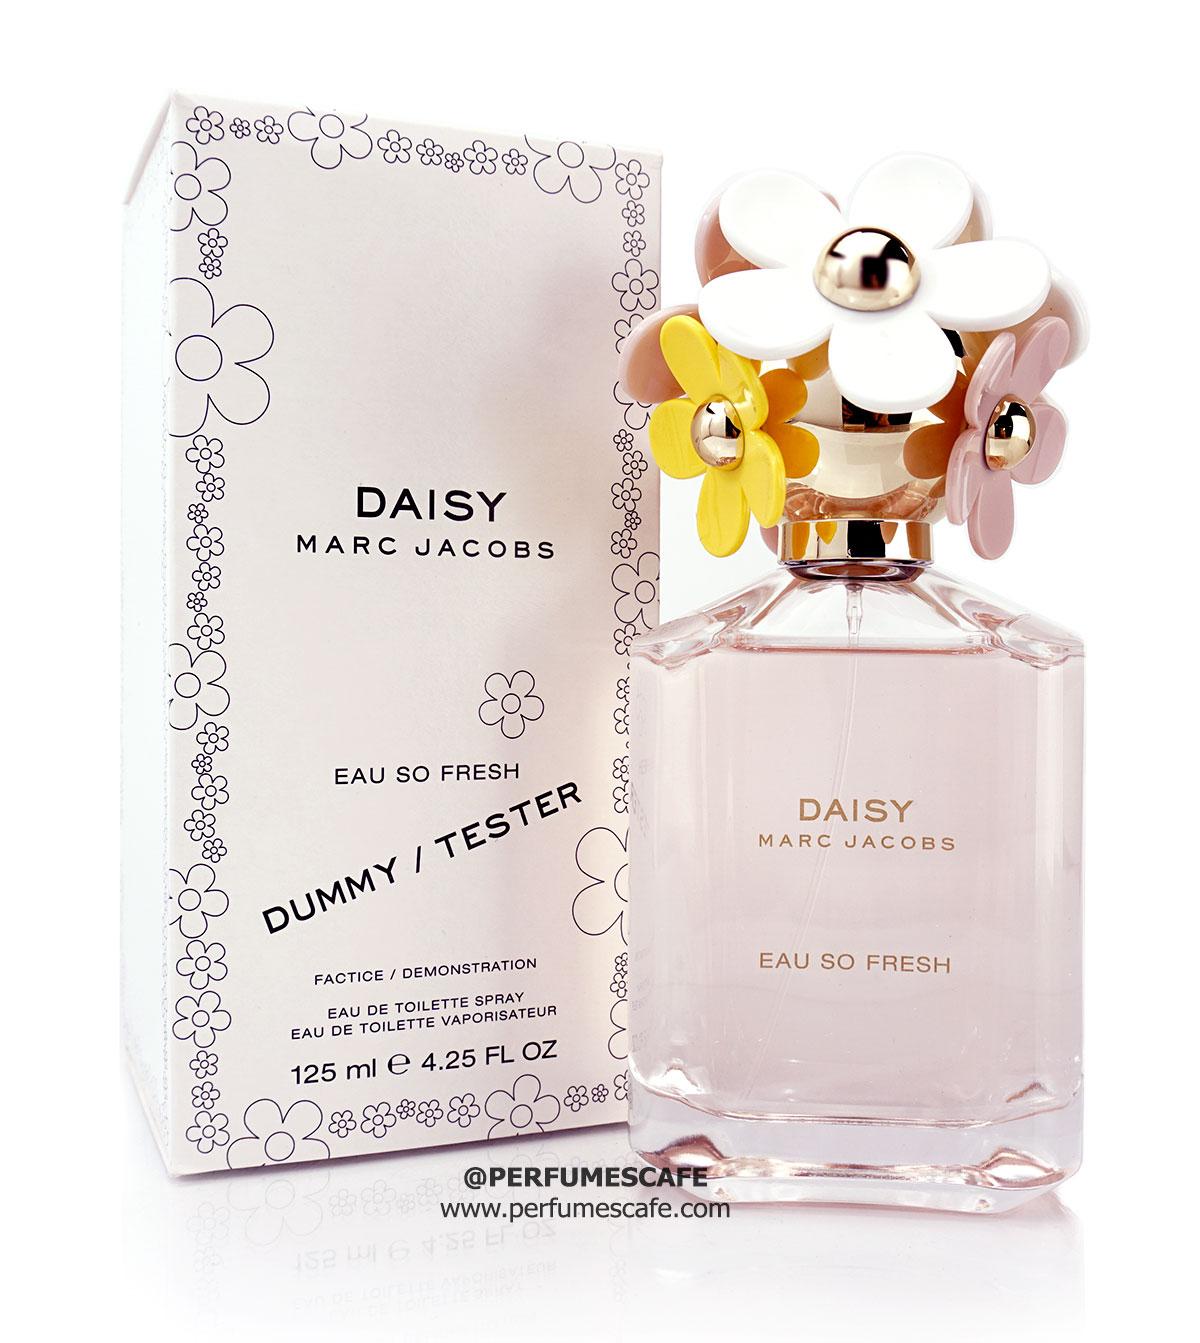 น้ำหอม Marc Jacobs Daisy Eau So Fresh EDT 125 ml. เทสเตอร์กล่องขาว